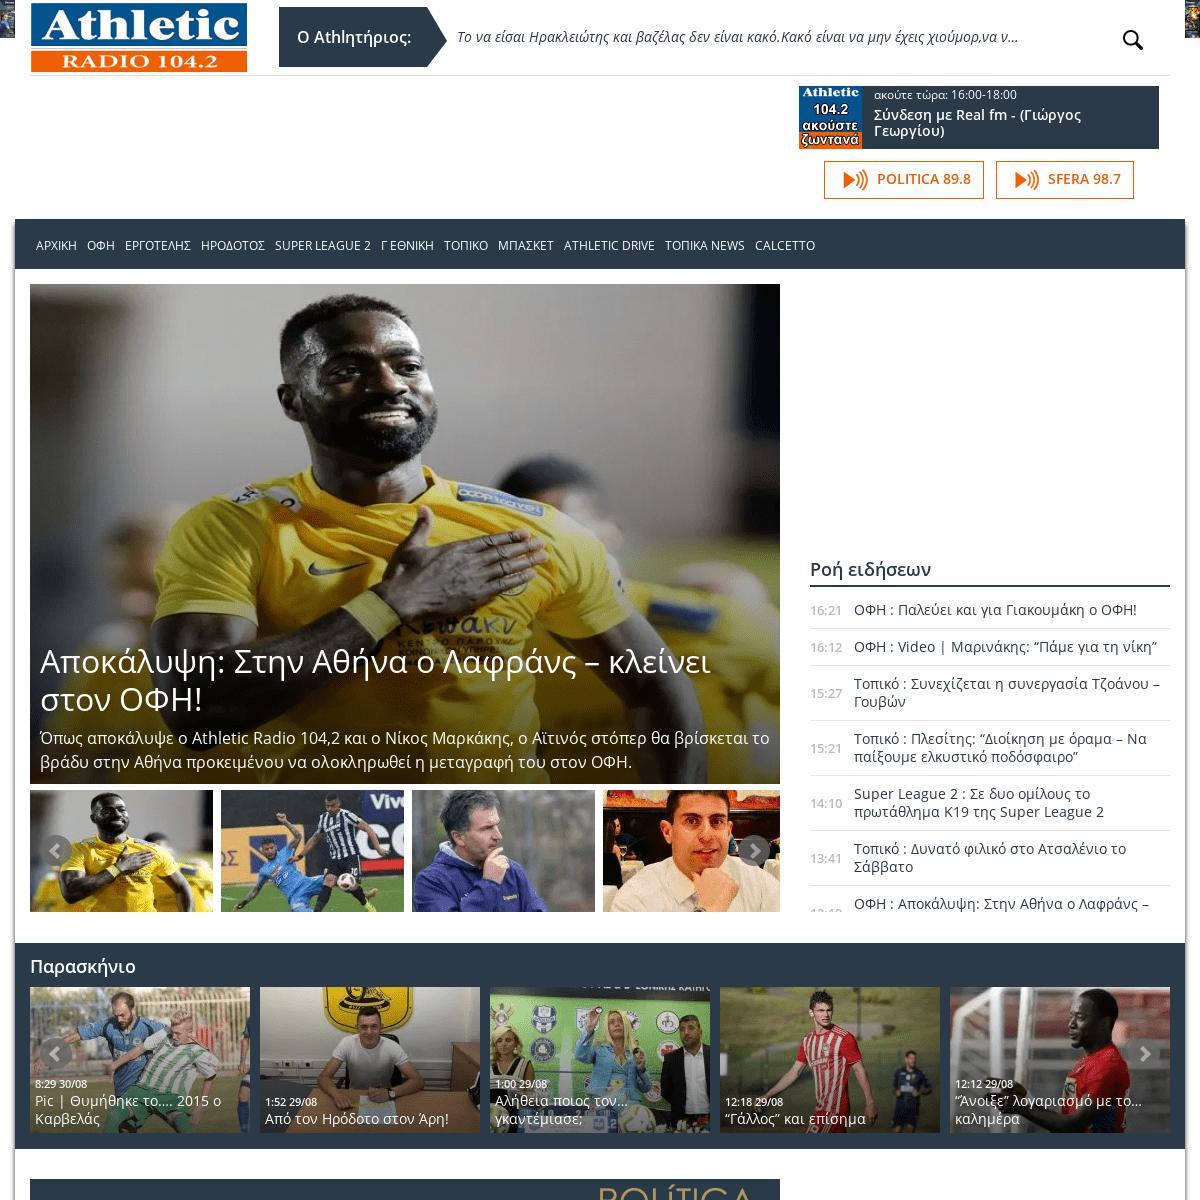 Athletic Radio 104.2 -- Ηράκλειο Κρήτης -- Κεντρική Σελίδα - Όλα τα νέα των Κρητικ�